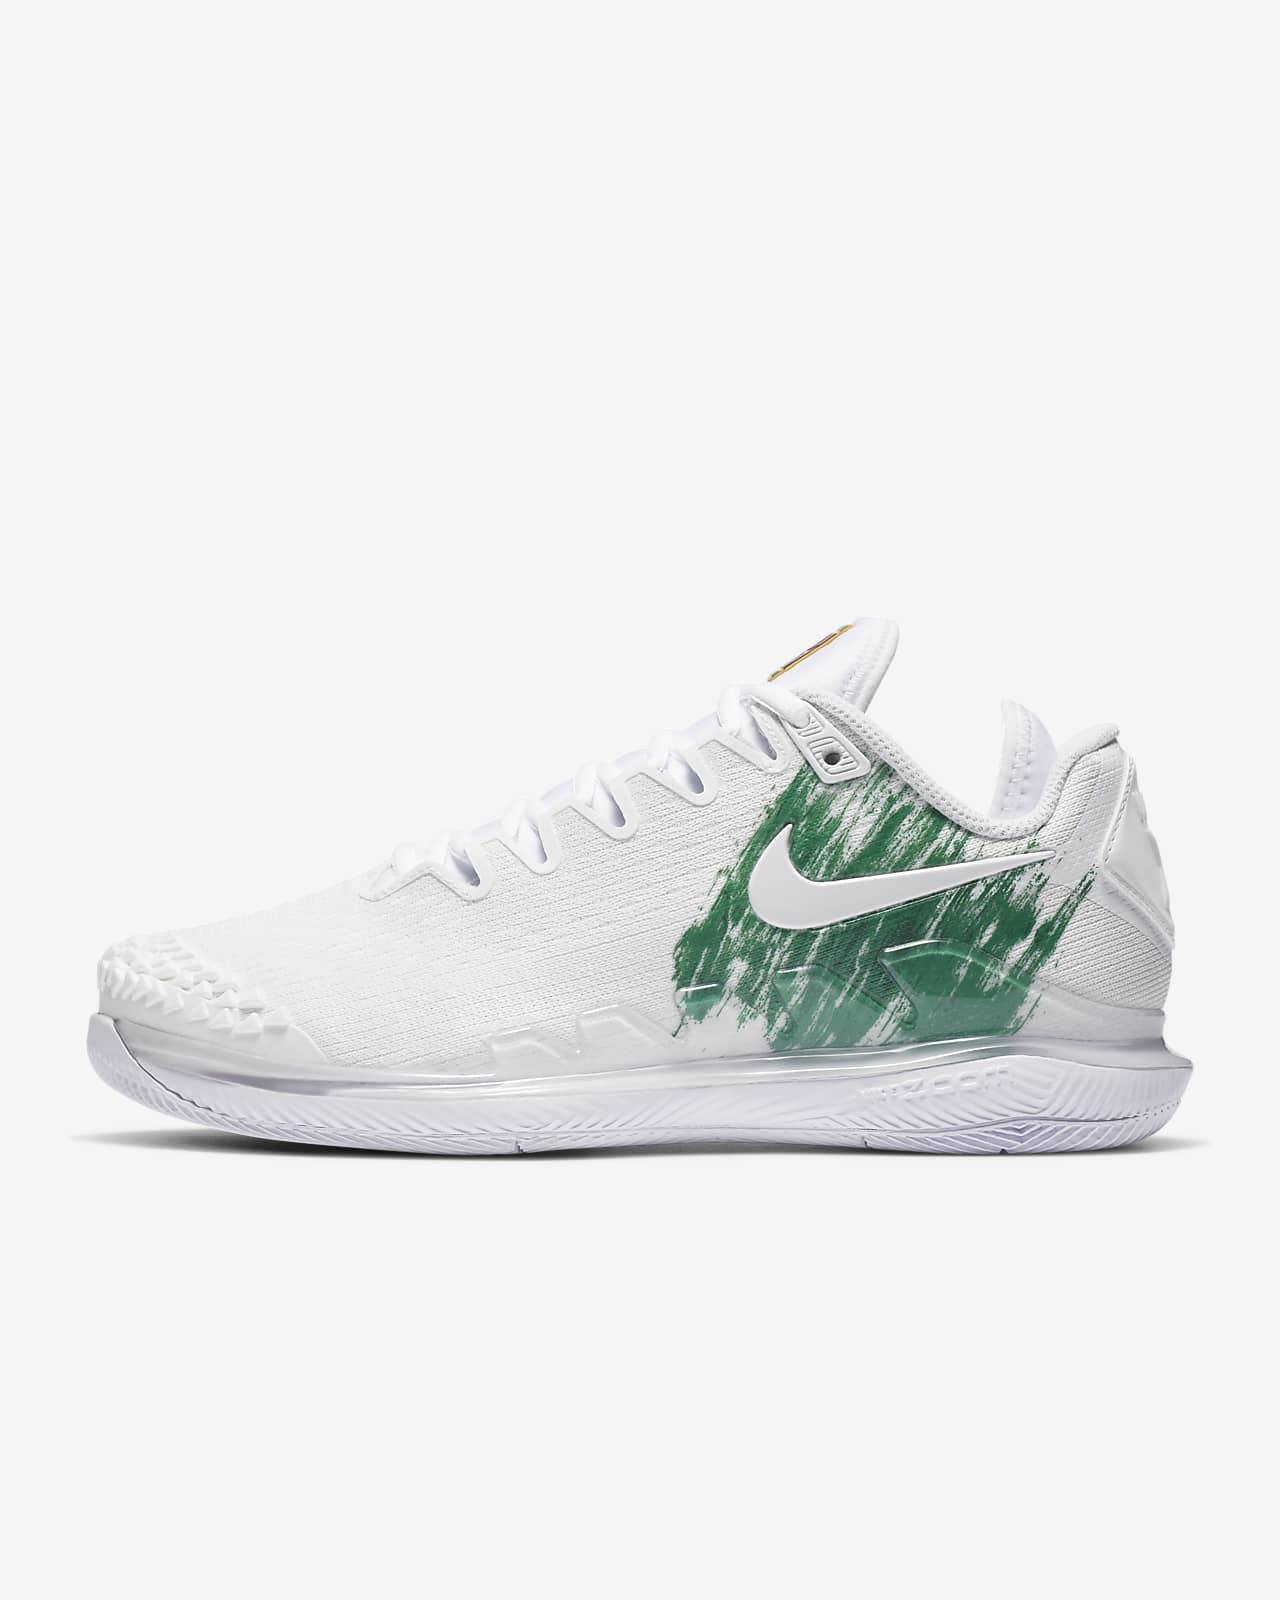 NikeCourt Air Zoom Vapor X Knit Zapatillas de tenis de pista rápida - Mujer